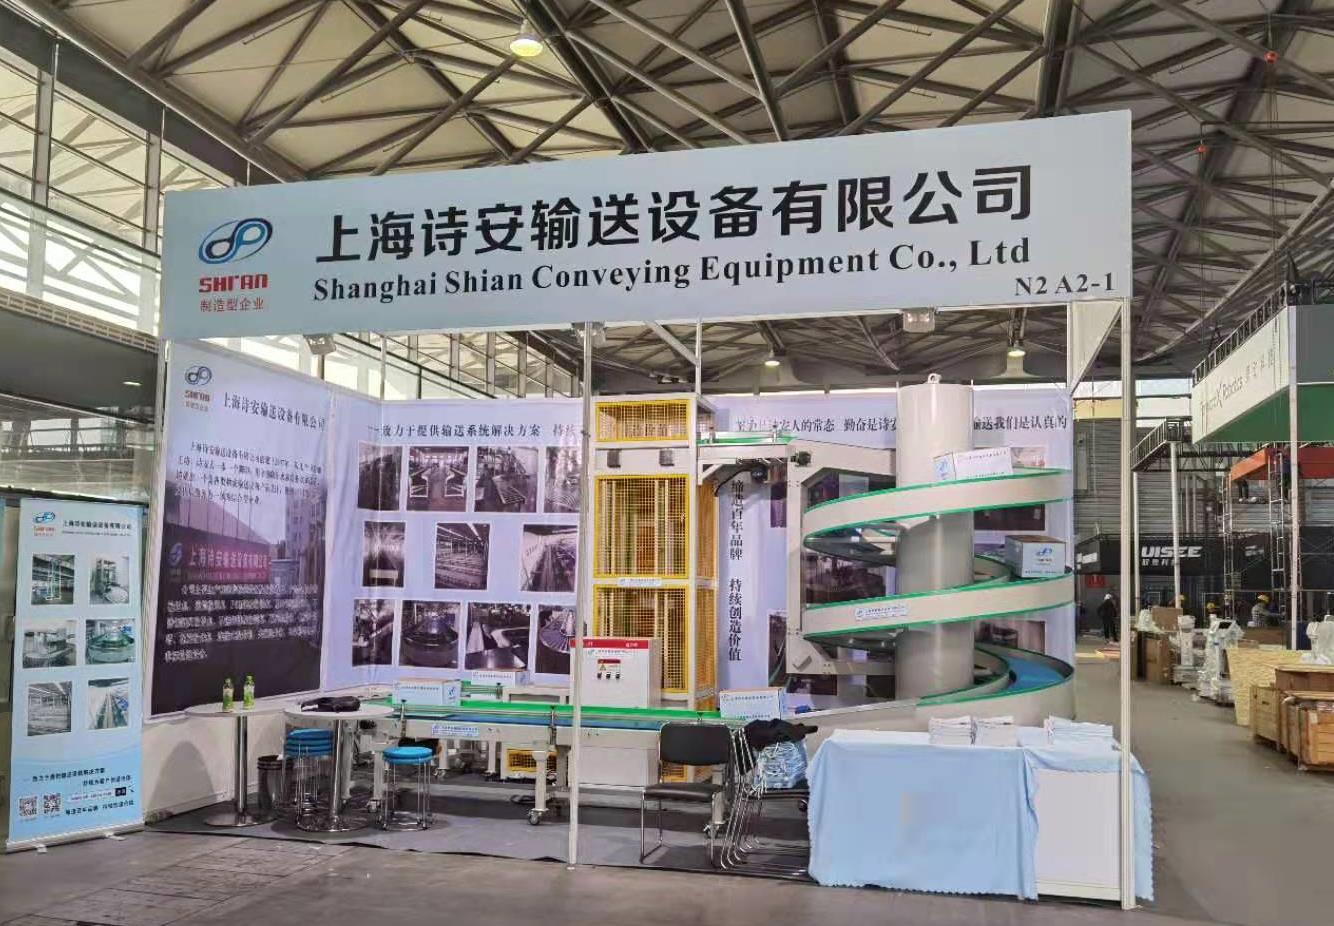 亚洲物流技术与运输系统展览会